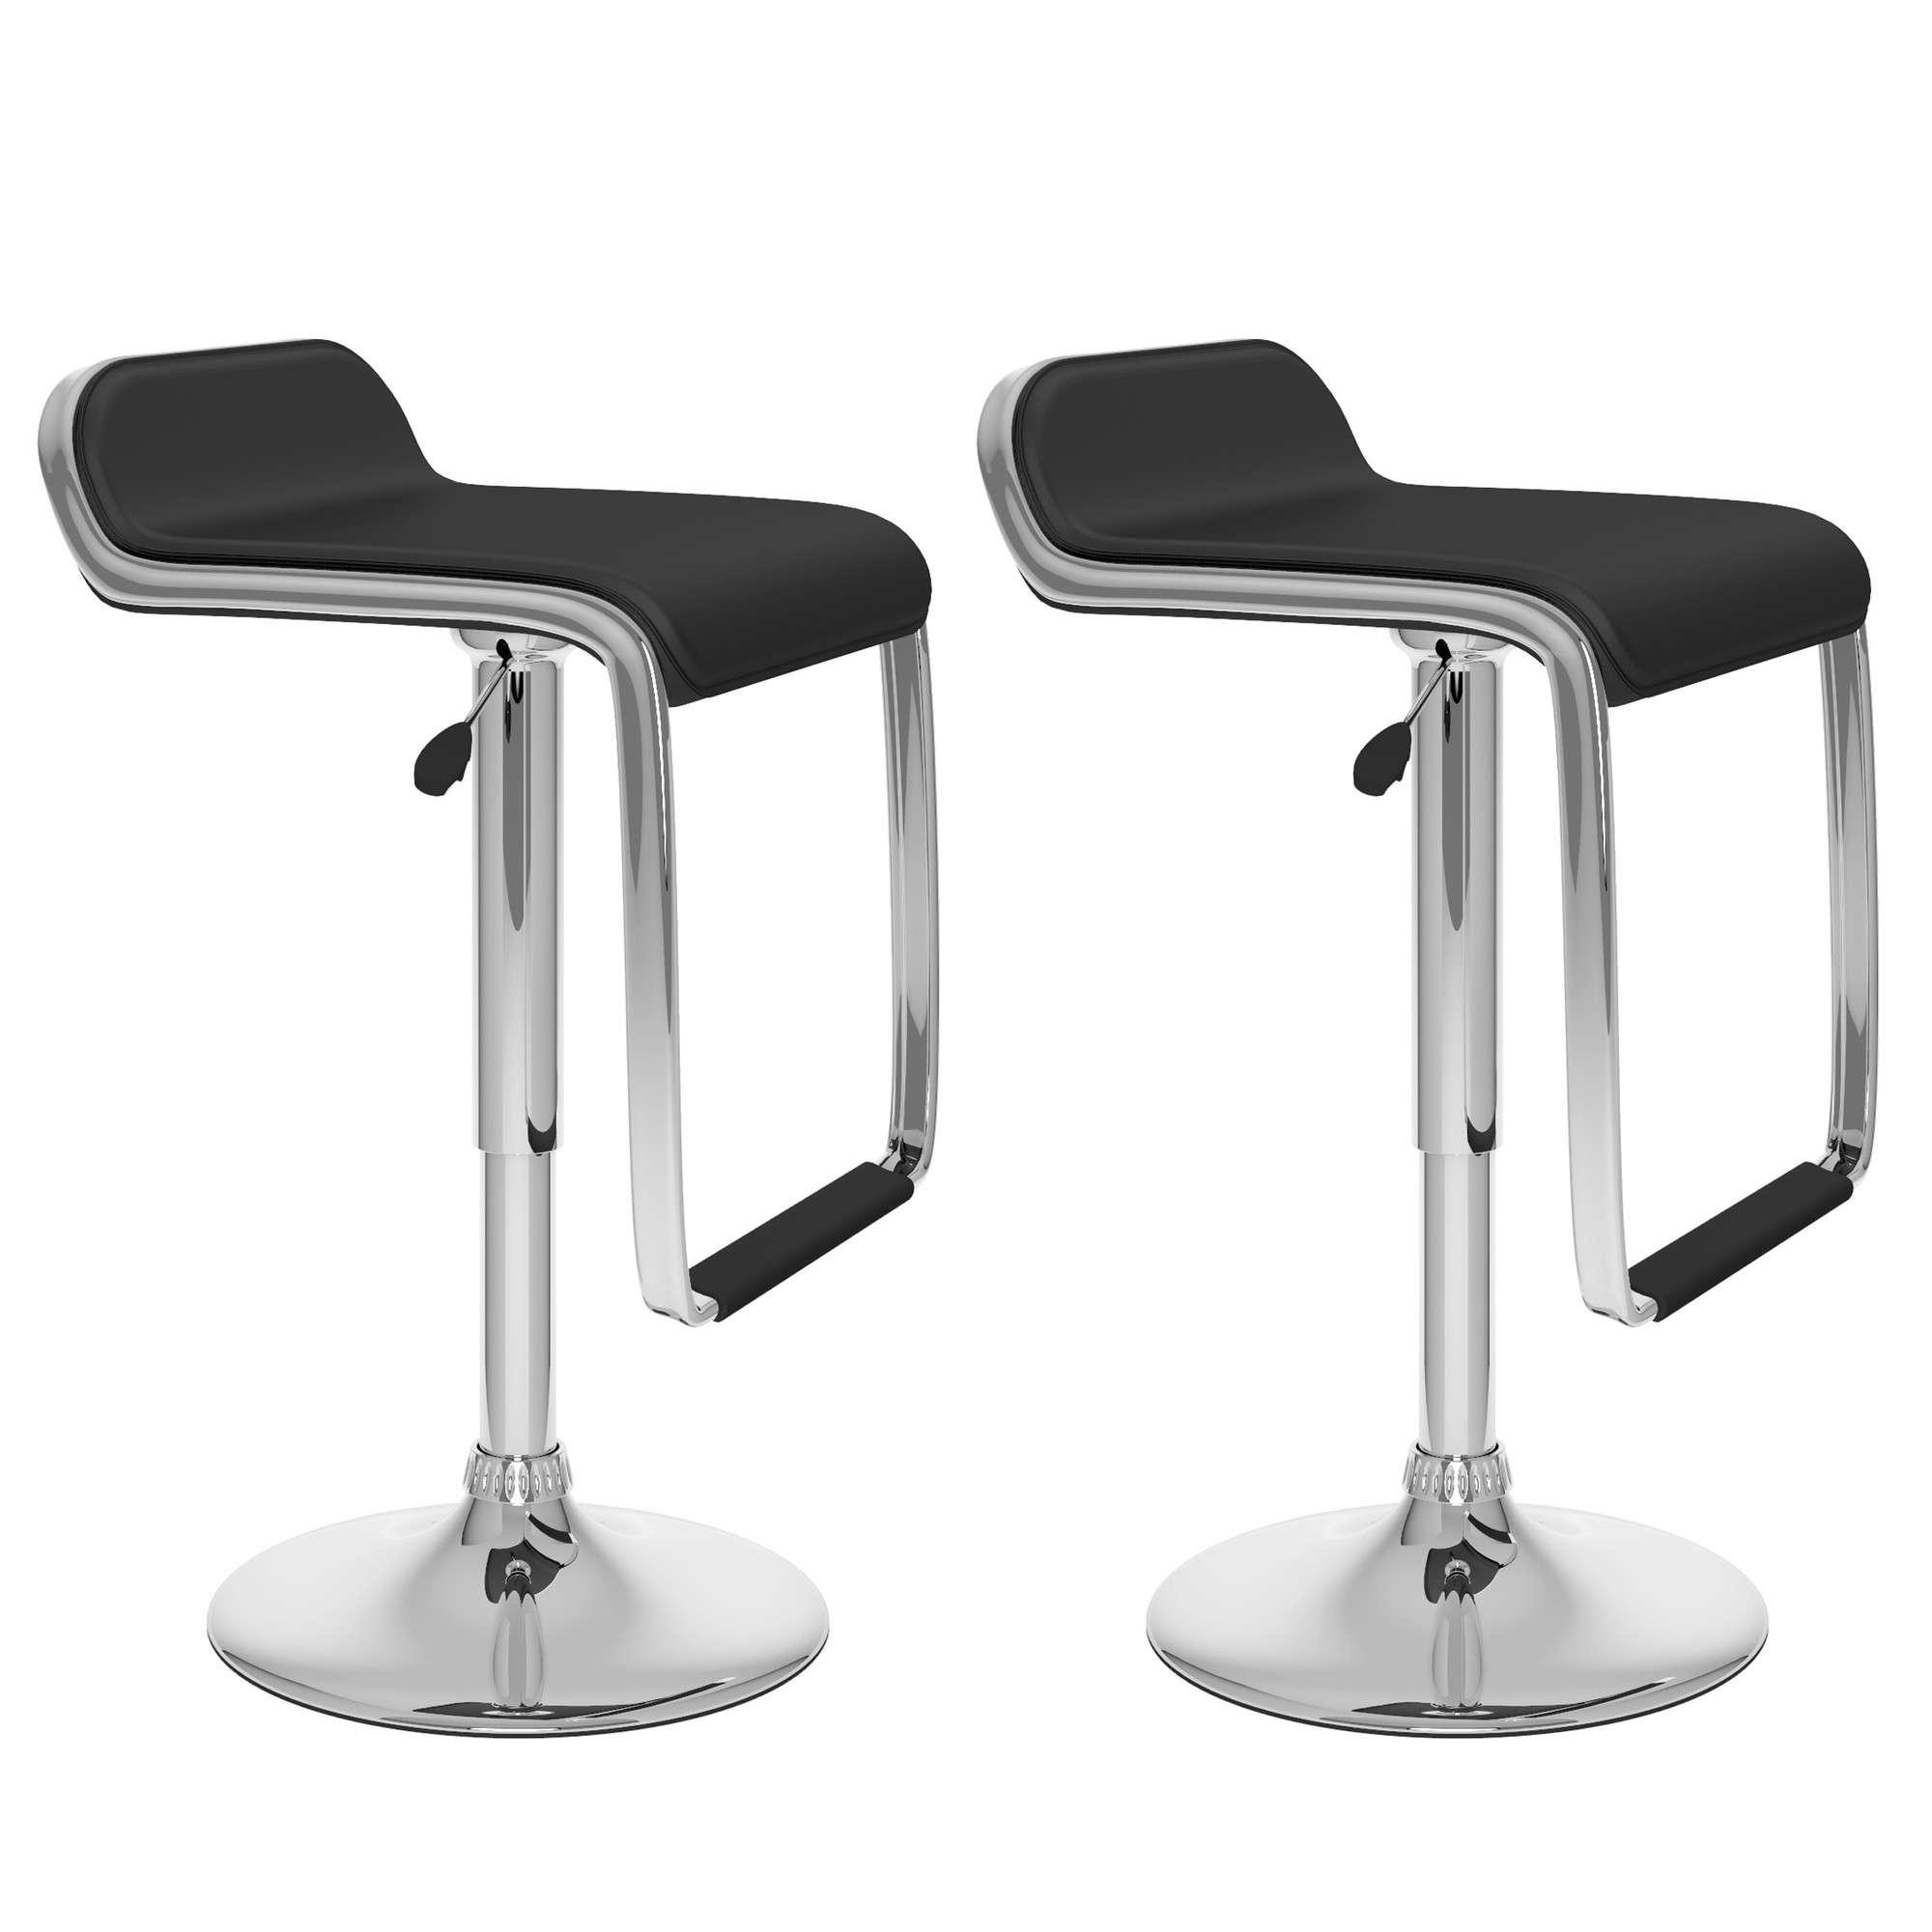 Set 2 sillas banco para cocina barra ajustable cromado fn4 demarkazone - Sillas de barra de cocina ...